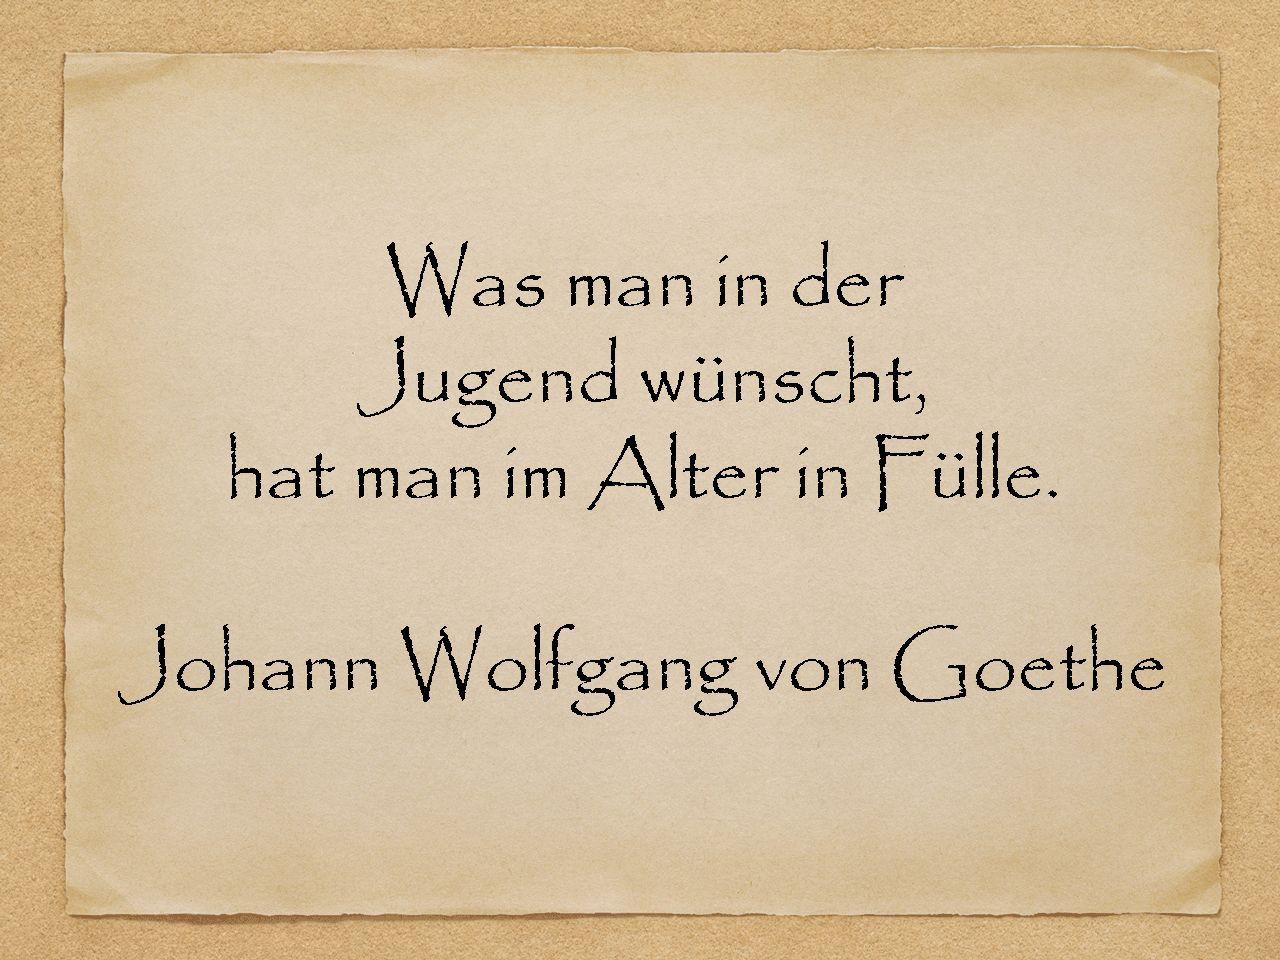 Zitate Geburtstag Goethe  Was man in der Jugend wünscht hat man im Alter in Fülle